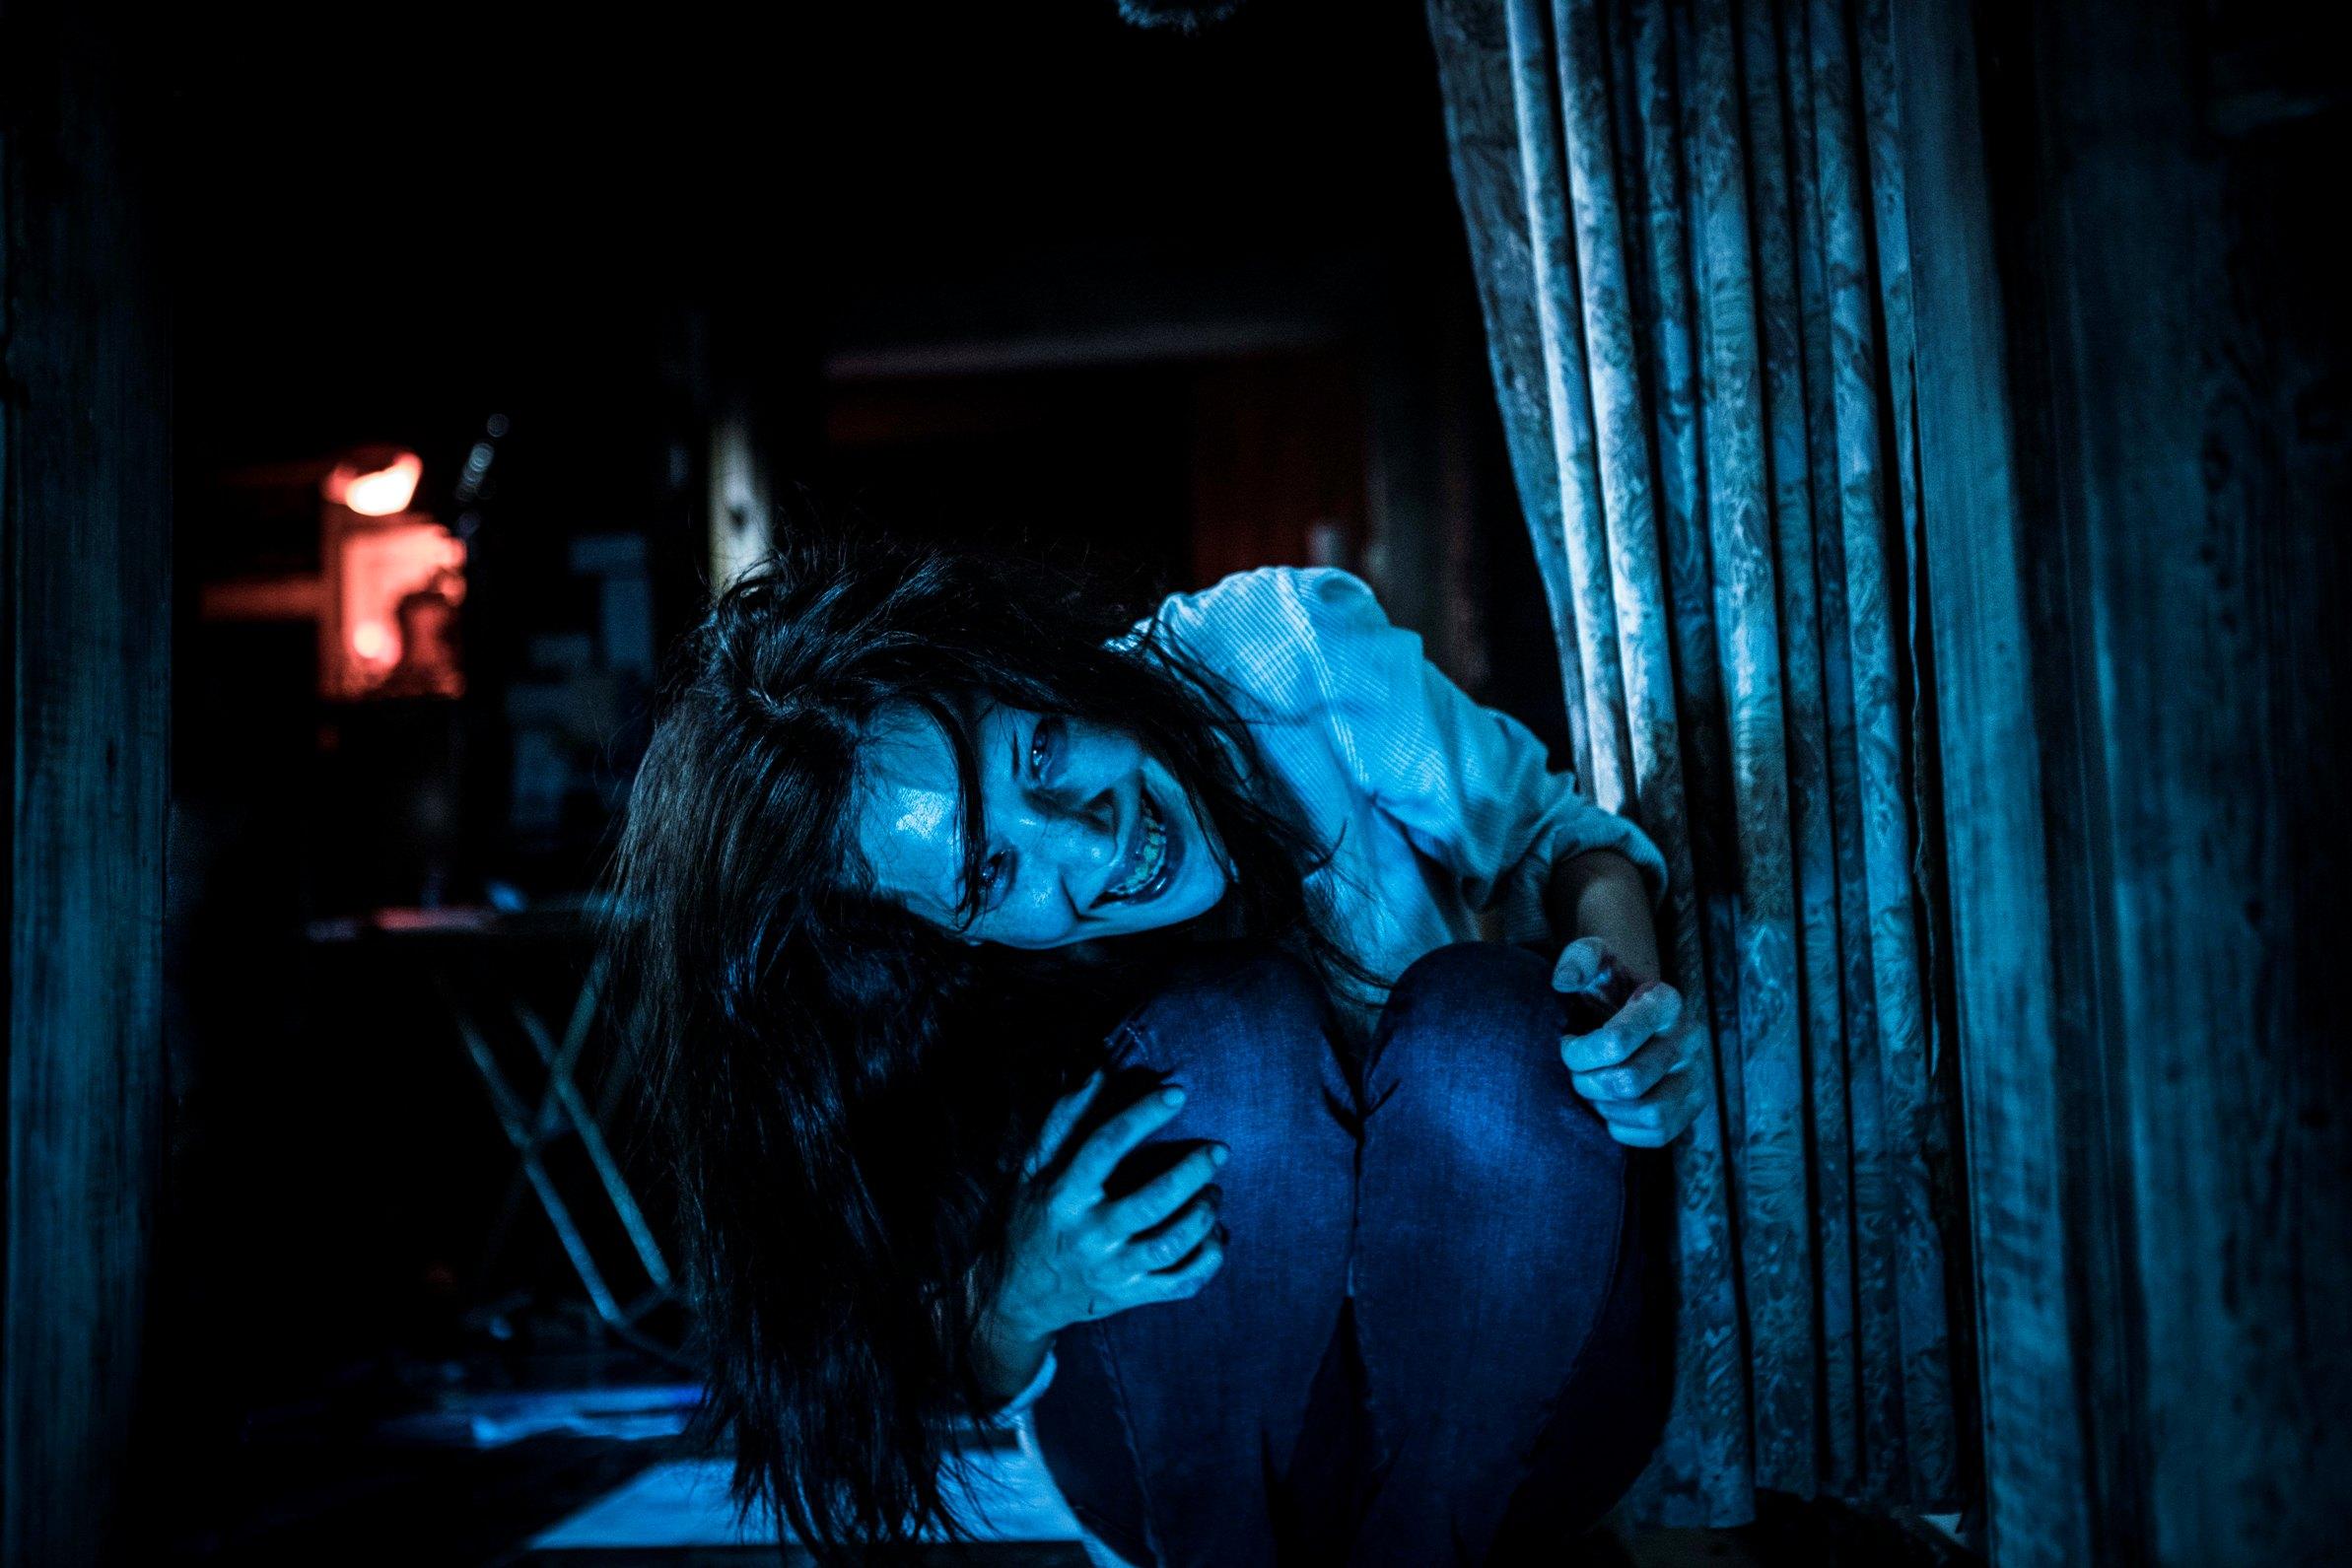 這是我們的國民女神嗎?許瑋甯在《紅衣小女孩2》驚悚扮相嚇壞眾人! | 紅衣小女孩,紅衣小女孩2,楊丞琳 ...